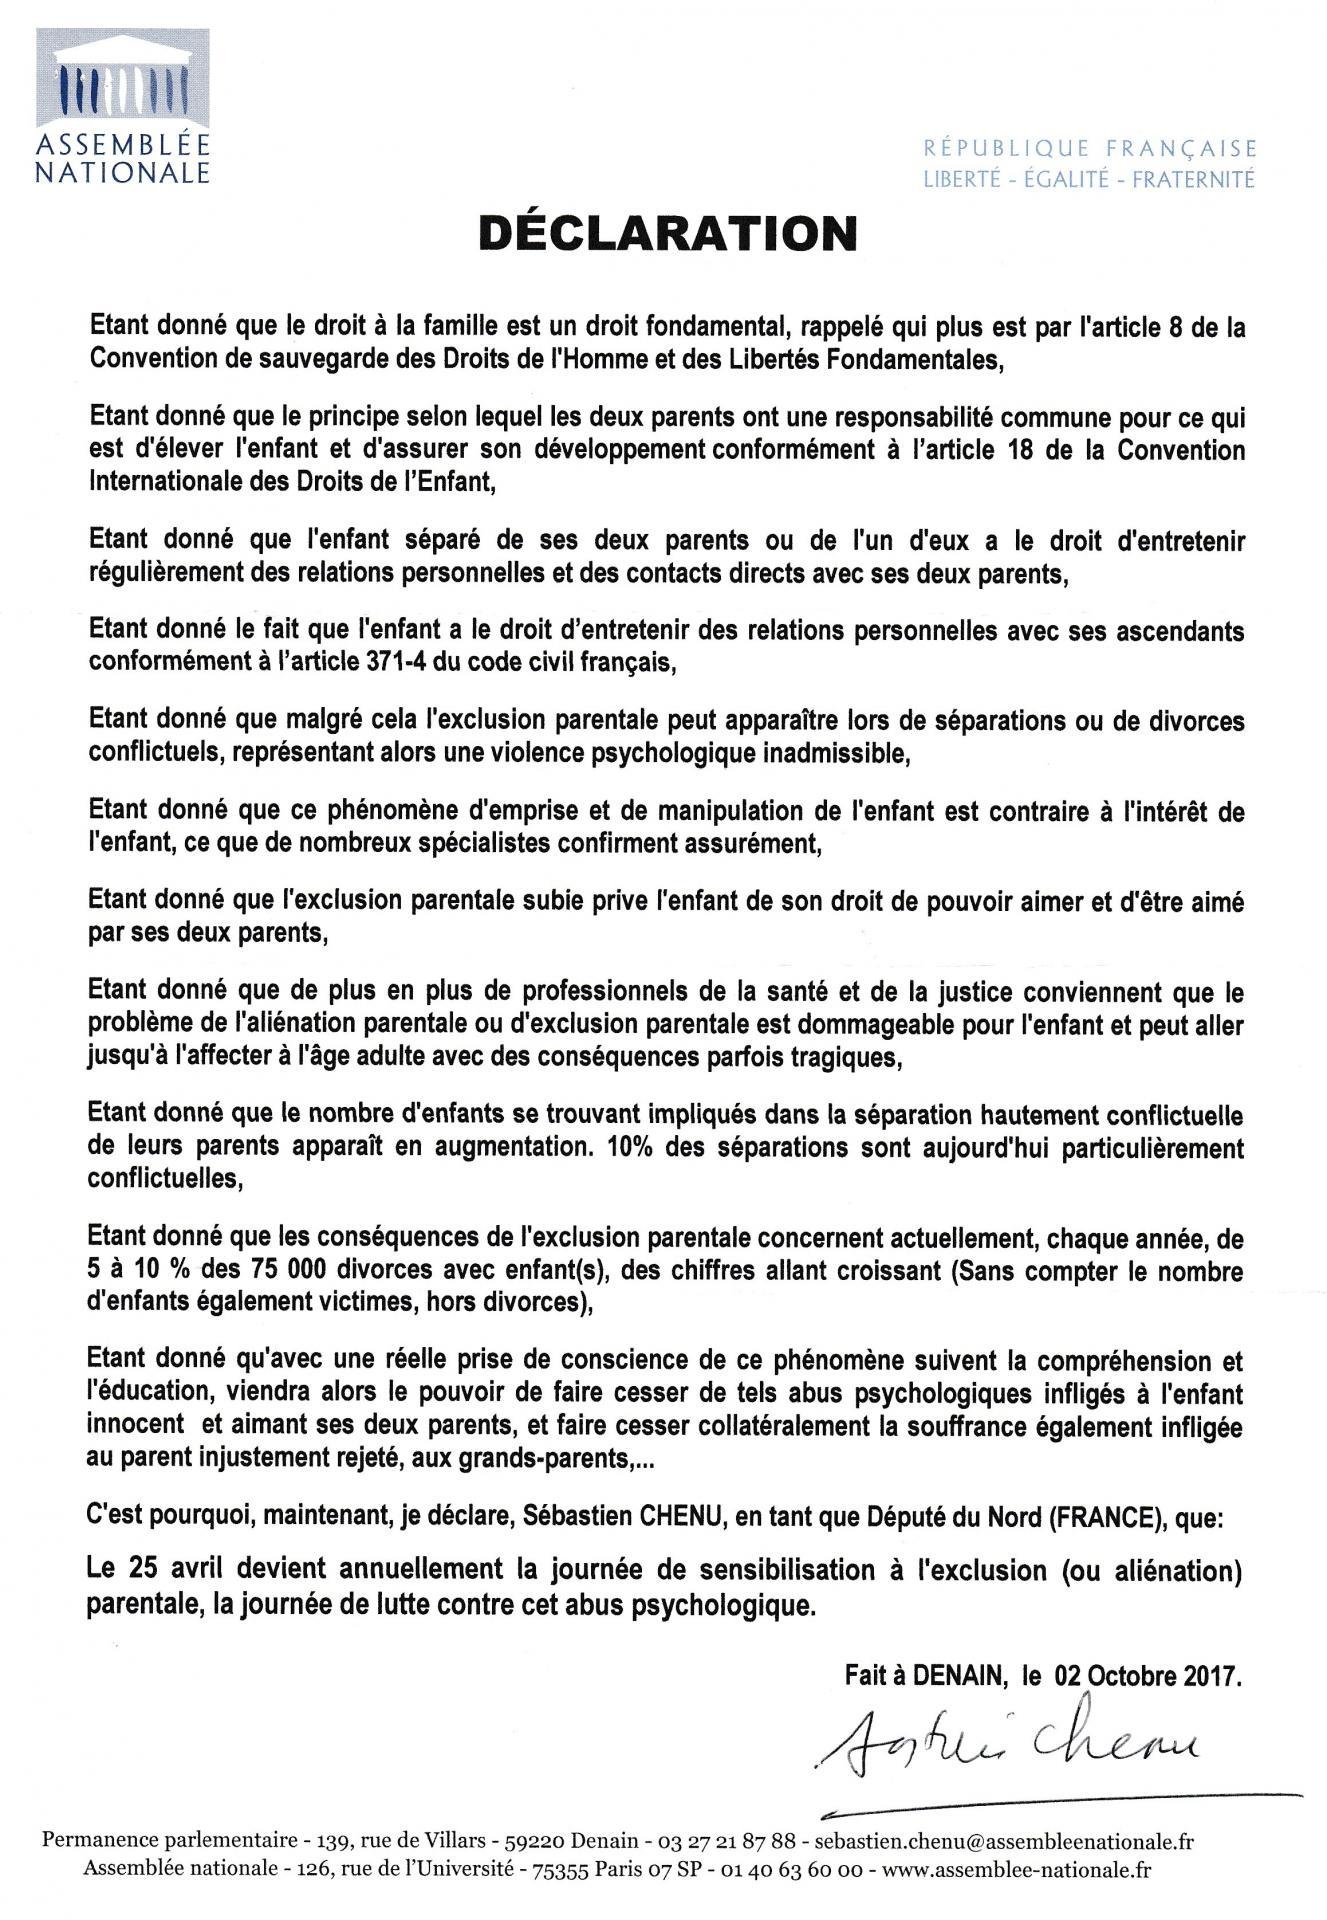 Declaration depute cehnu